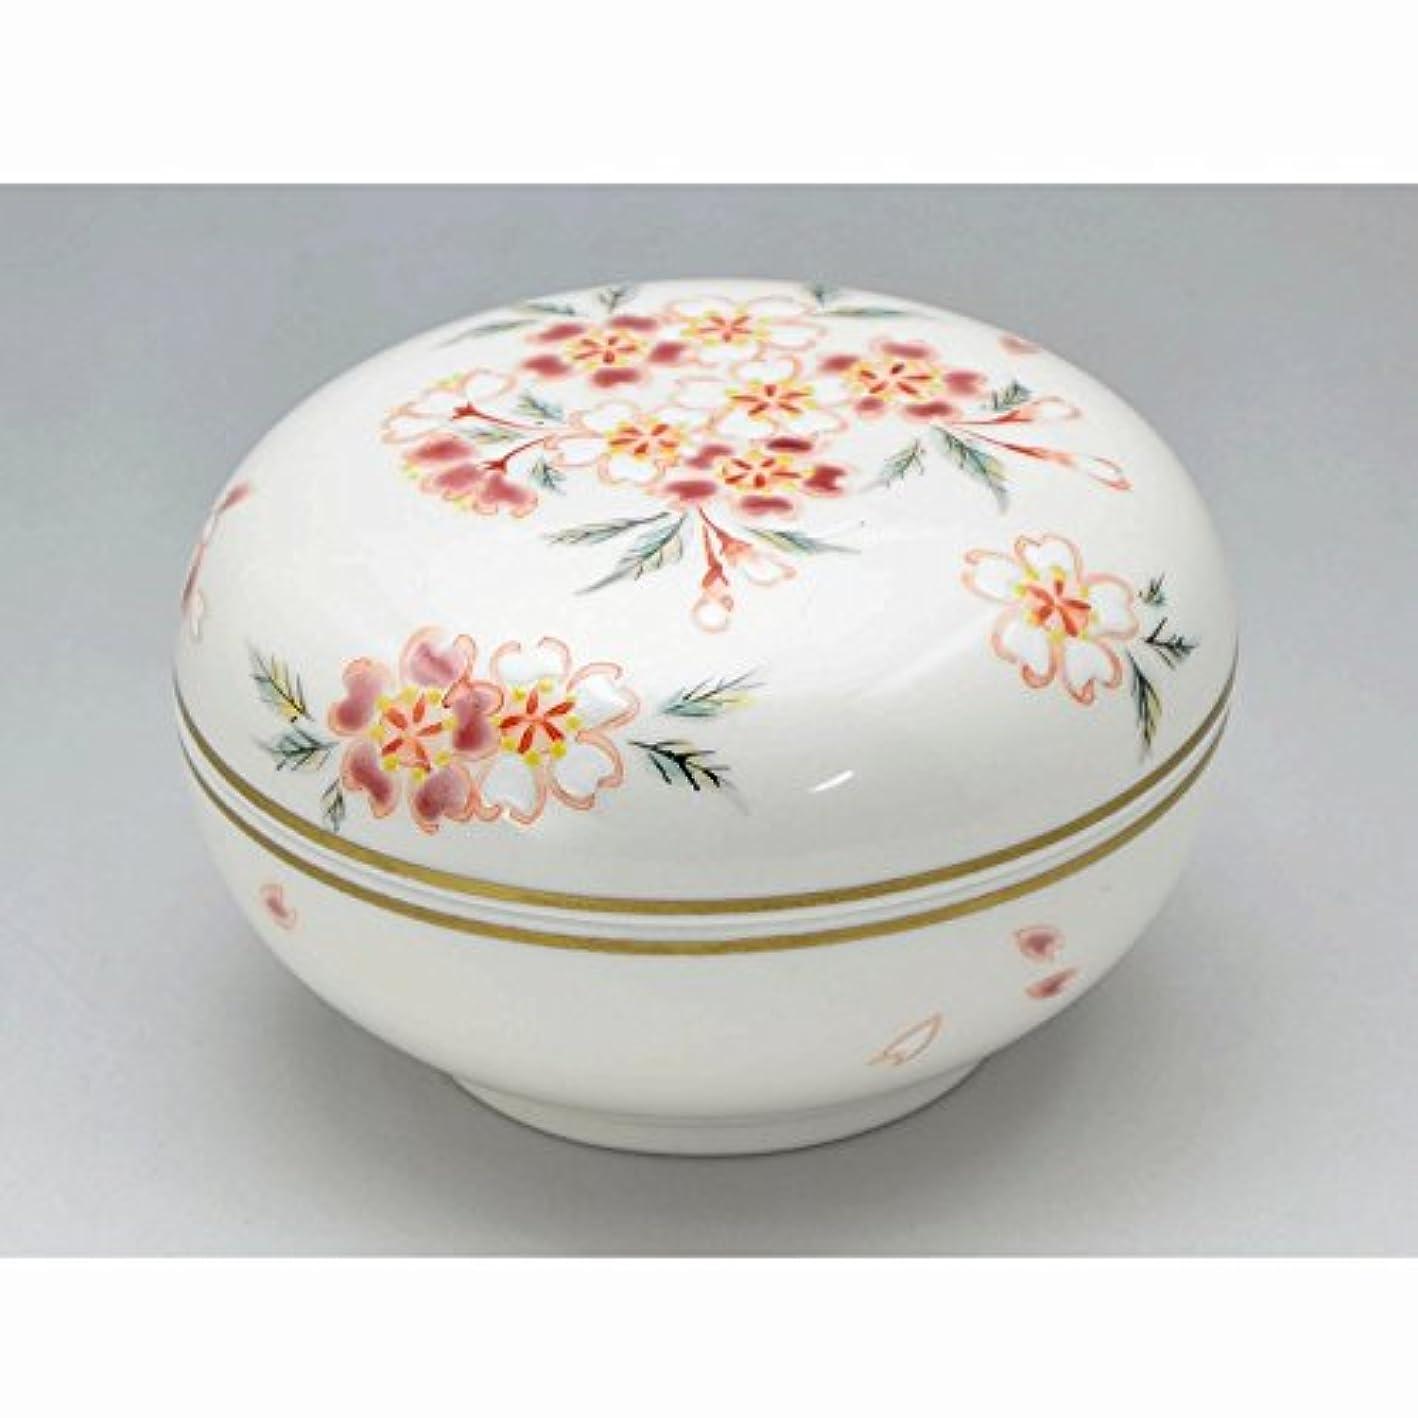 ウール不安定な結び目京焼?清水焼 磁器 香合 花桜 紙箱入 Kiyomizu-kyo yaki ware. Japanese porcelain kogo incense burner hanazakura with paper box.